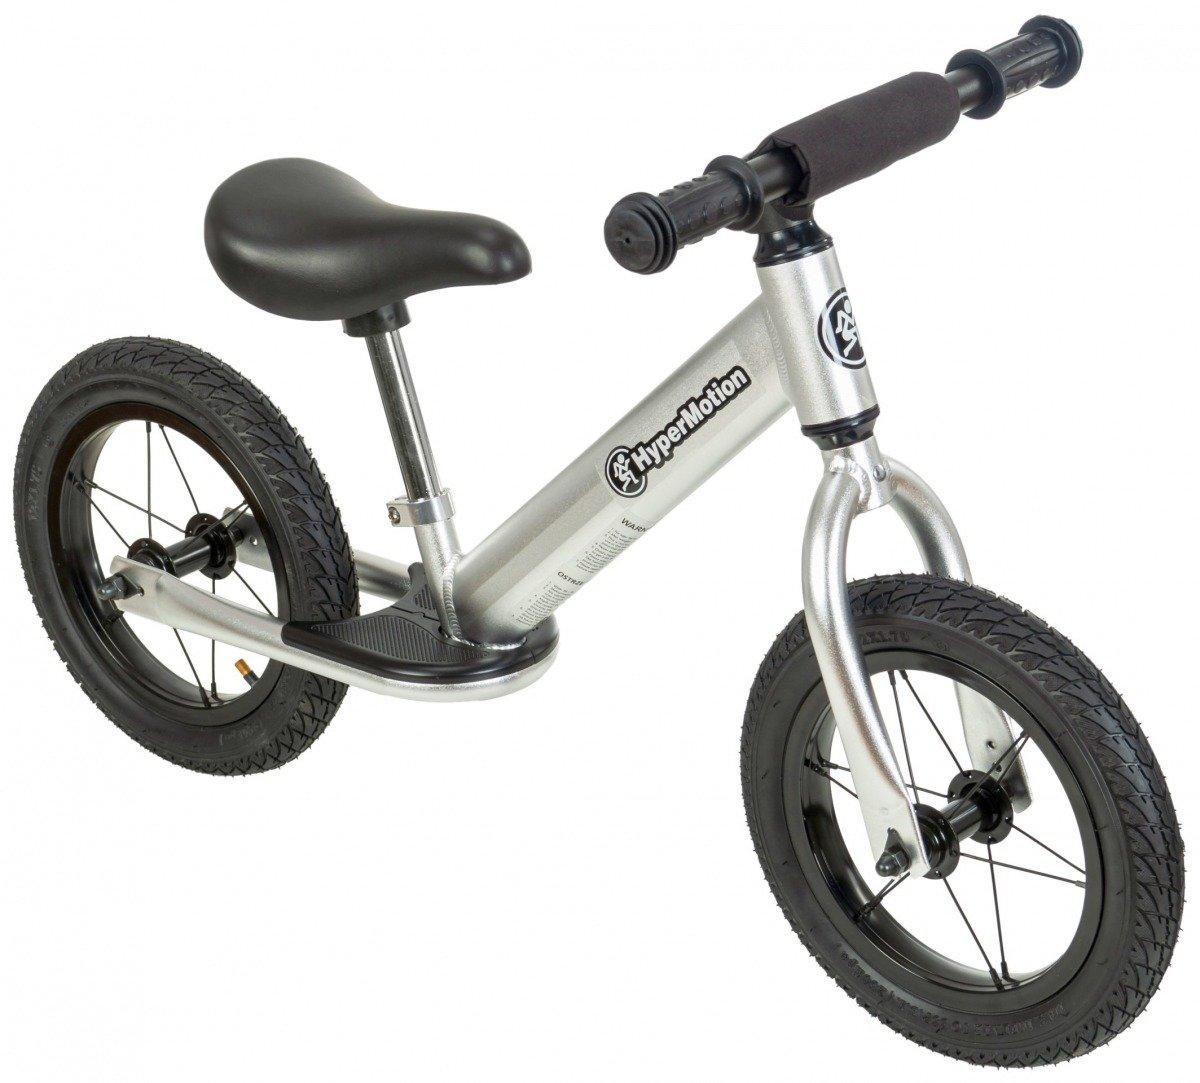 Rowerek biegowy HyperMotion COVAGGIO - pompowane koła, aluminiowa rama - srebrny